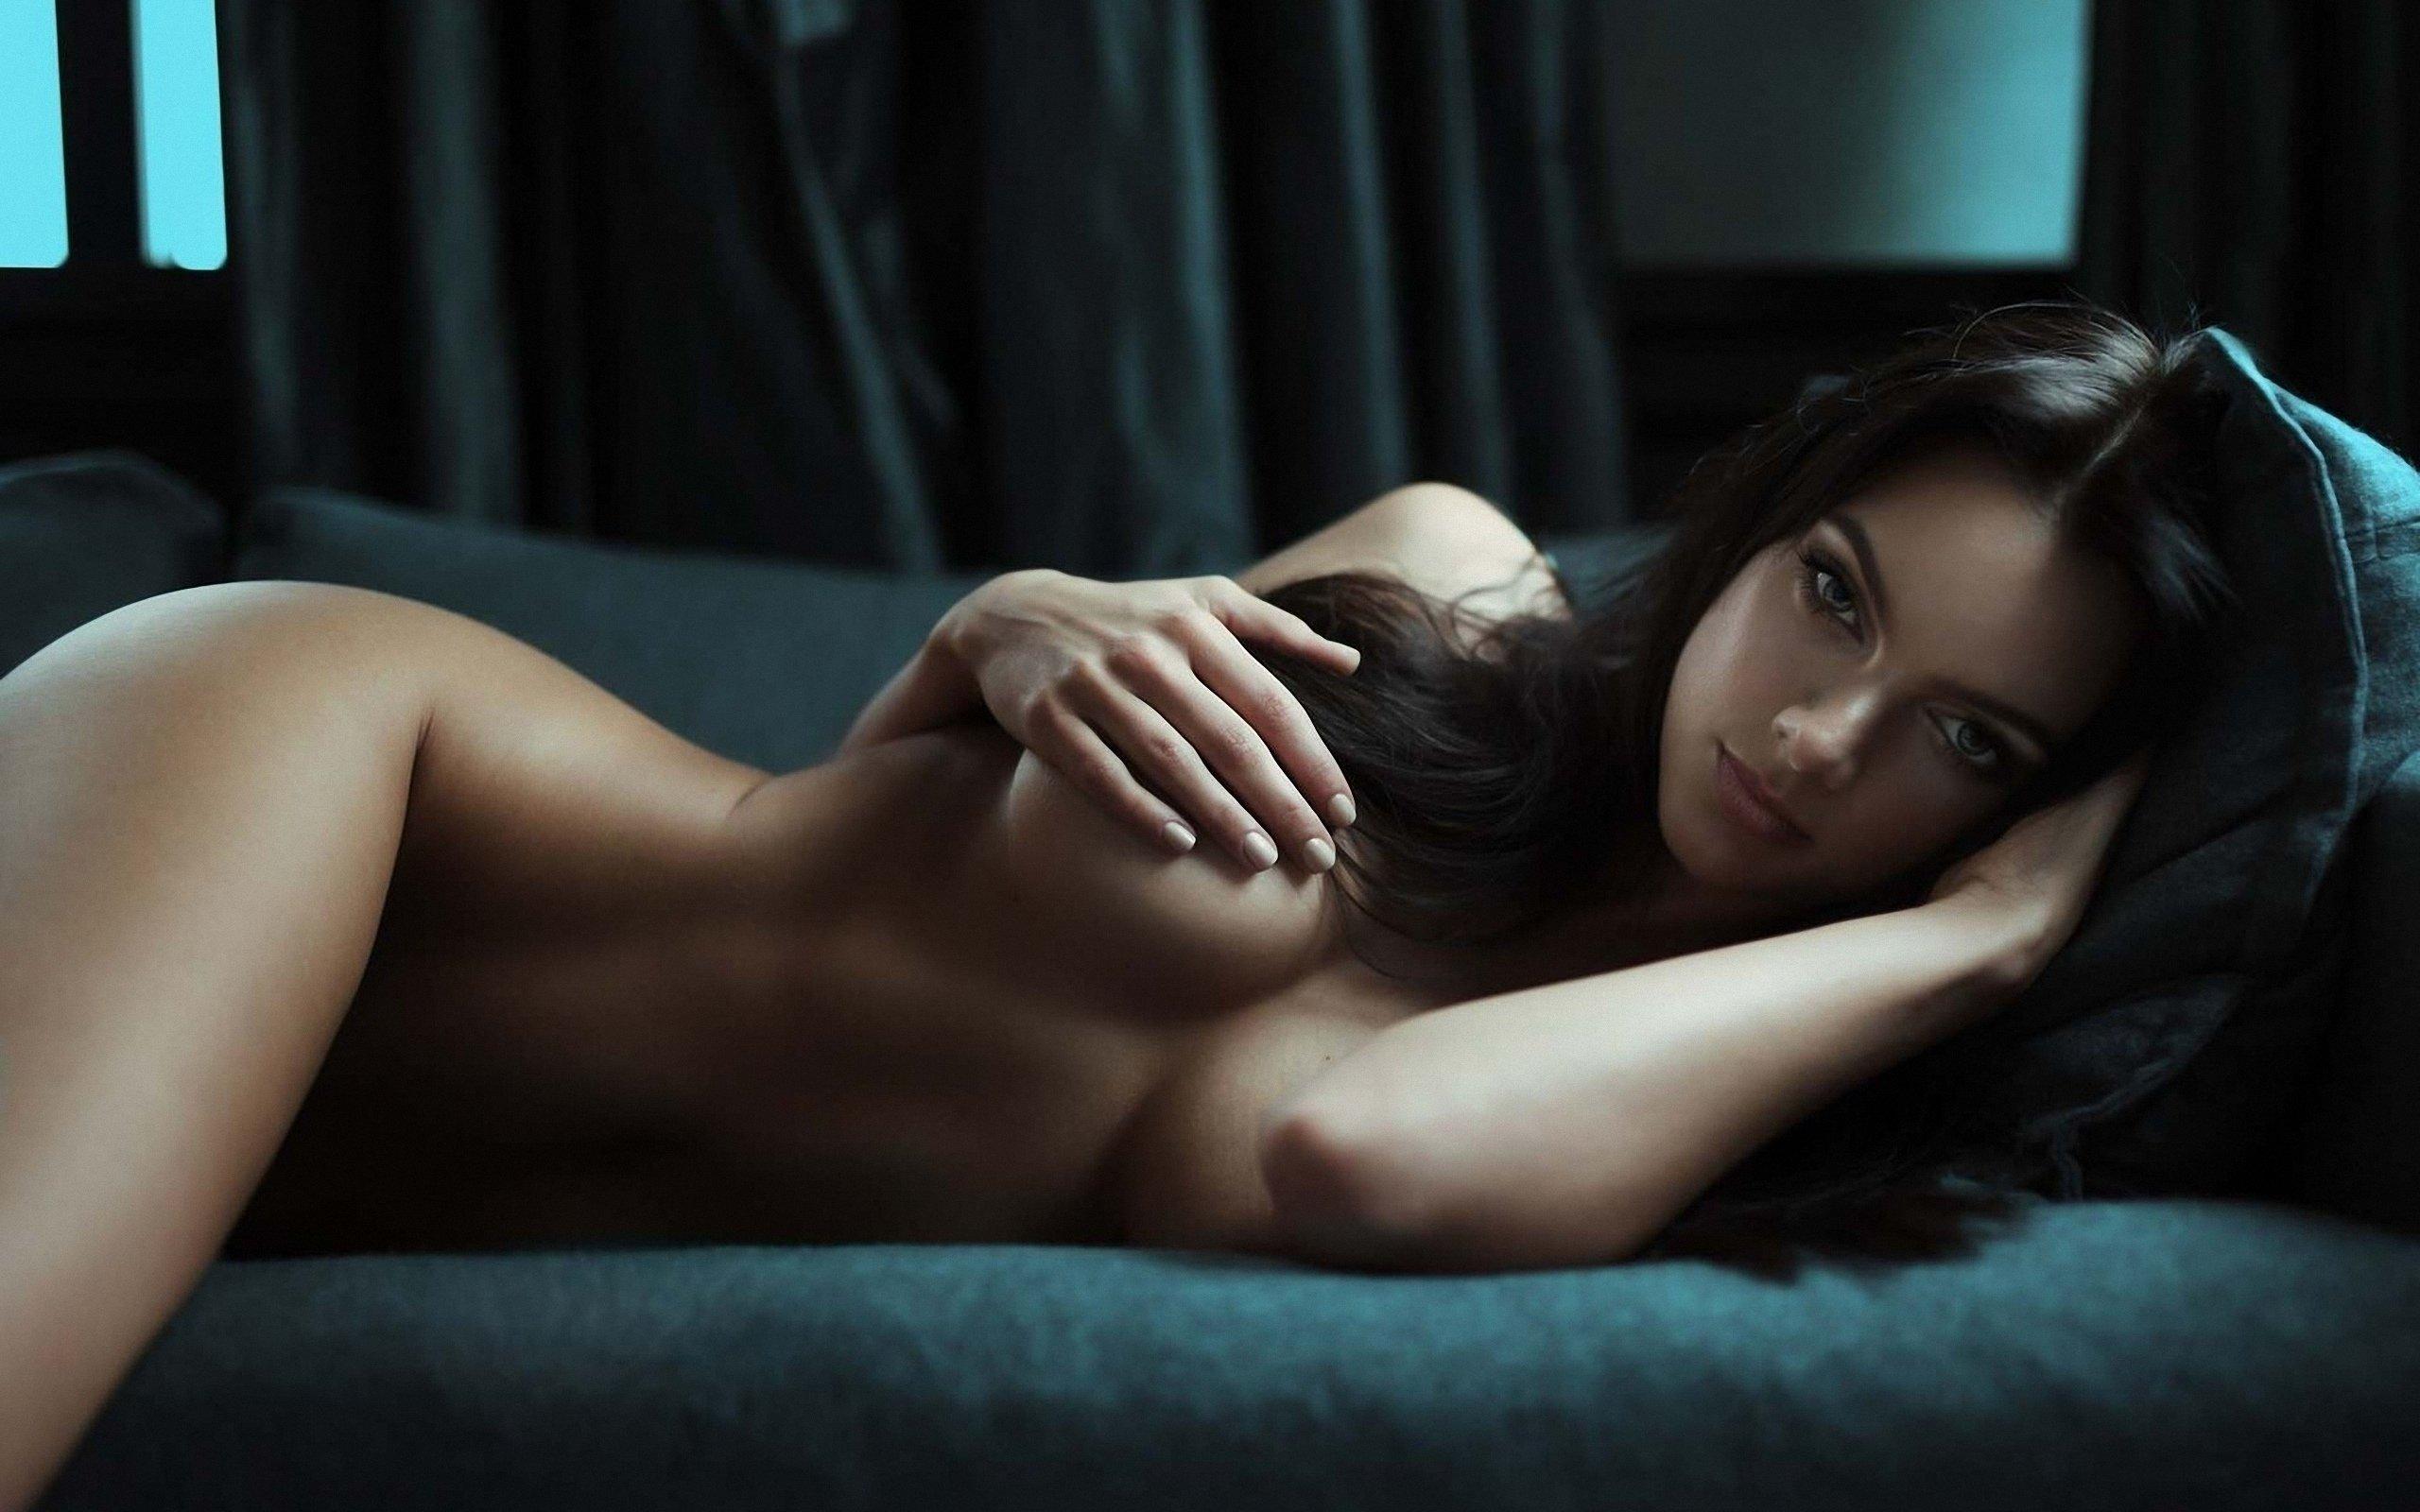 Фото Красивых Сексуально Обнаженные Девушки